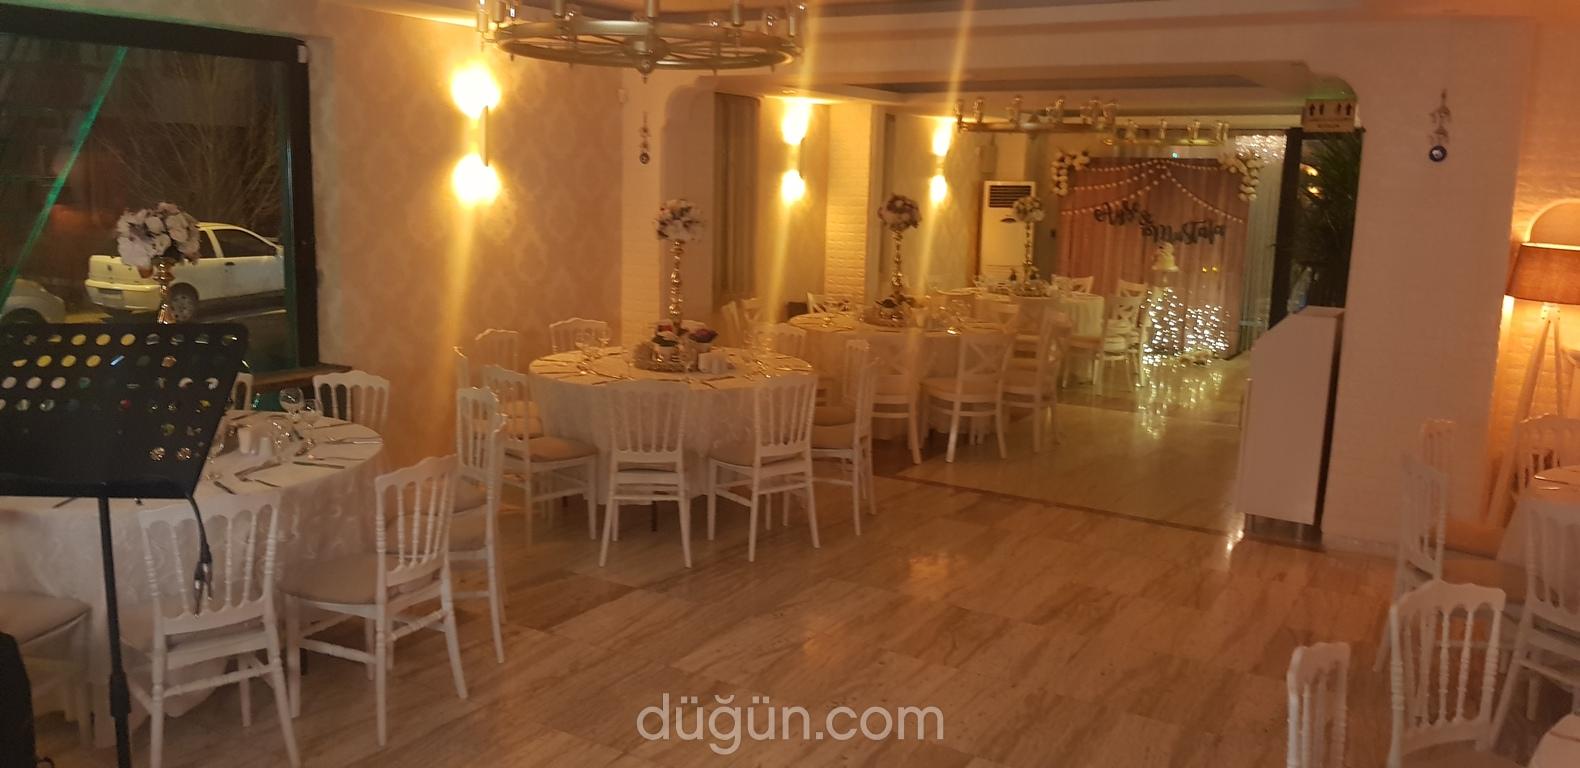 Gırgıriye Restaurant